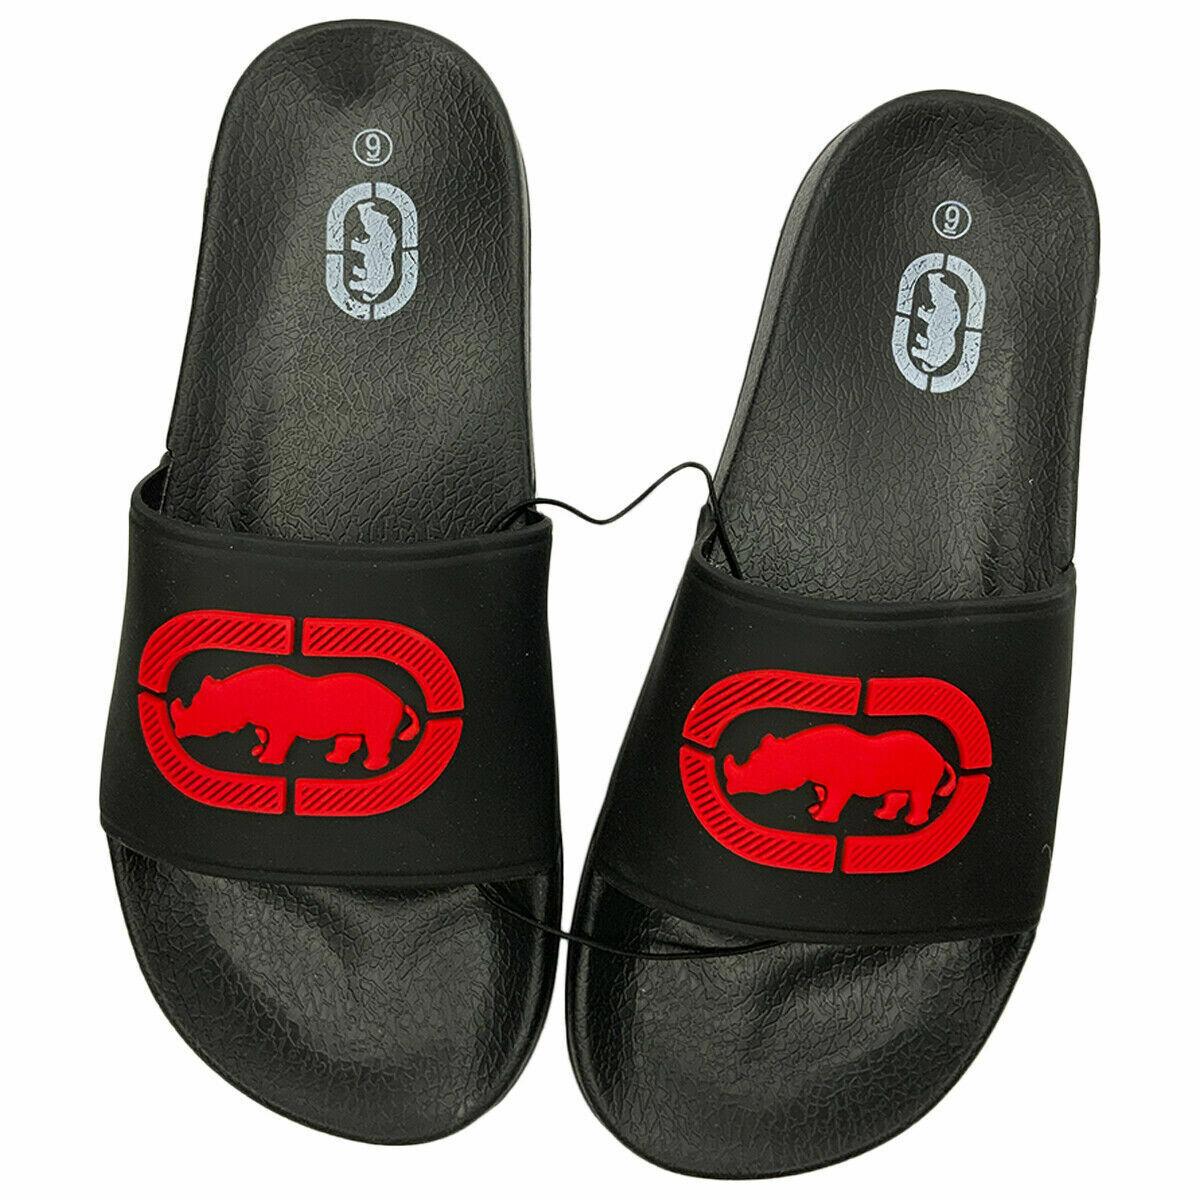 NWT ECKO UNLTD. AUTHENTIC MEN'S 3D LOGO BLACK RED SLIP ON SLIDE SANDALS